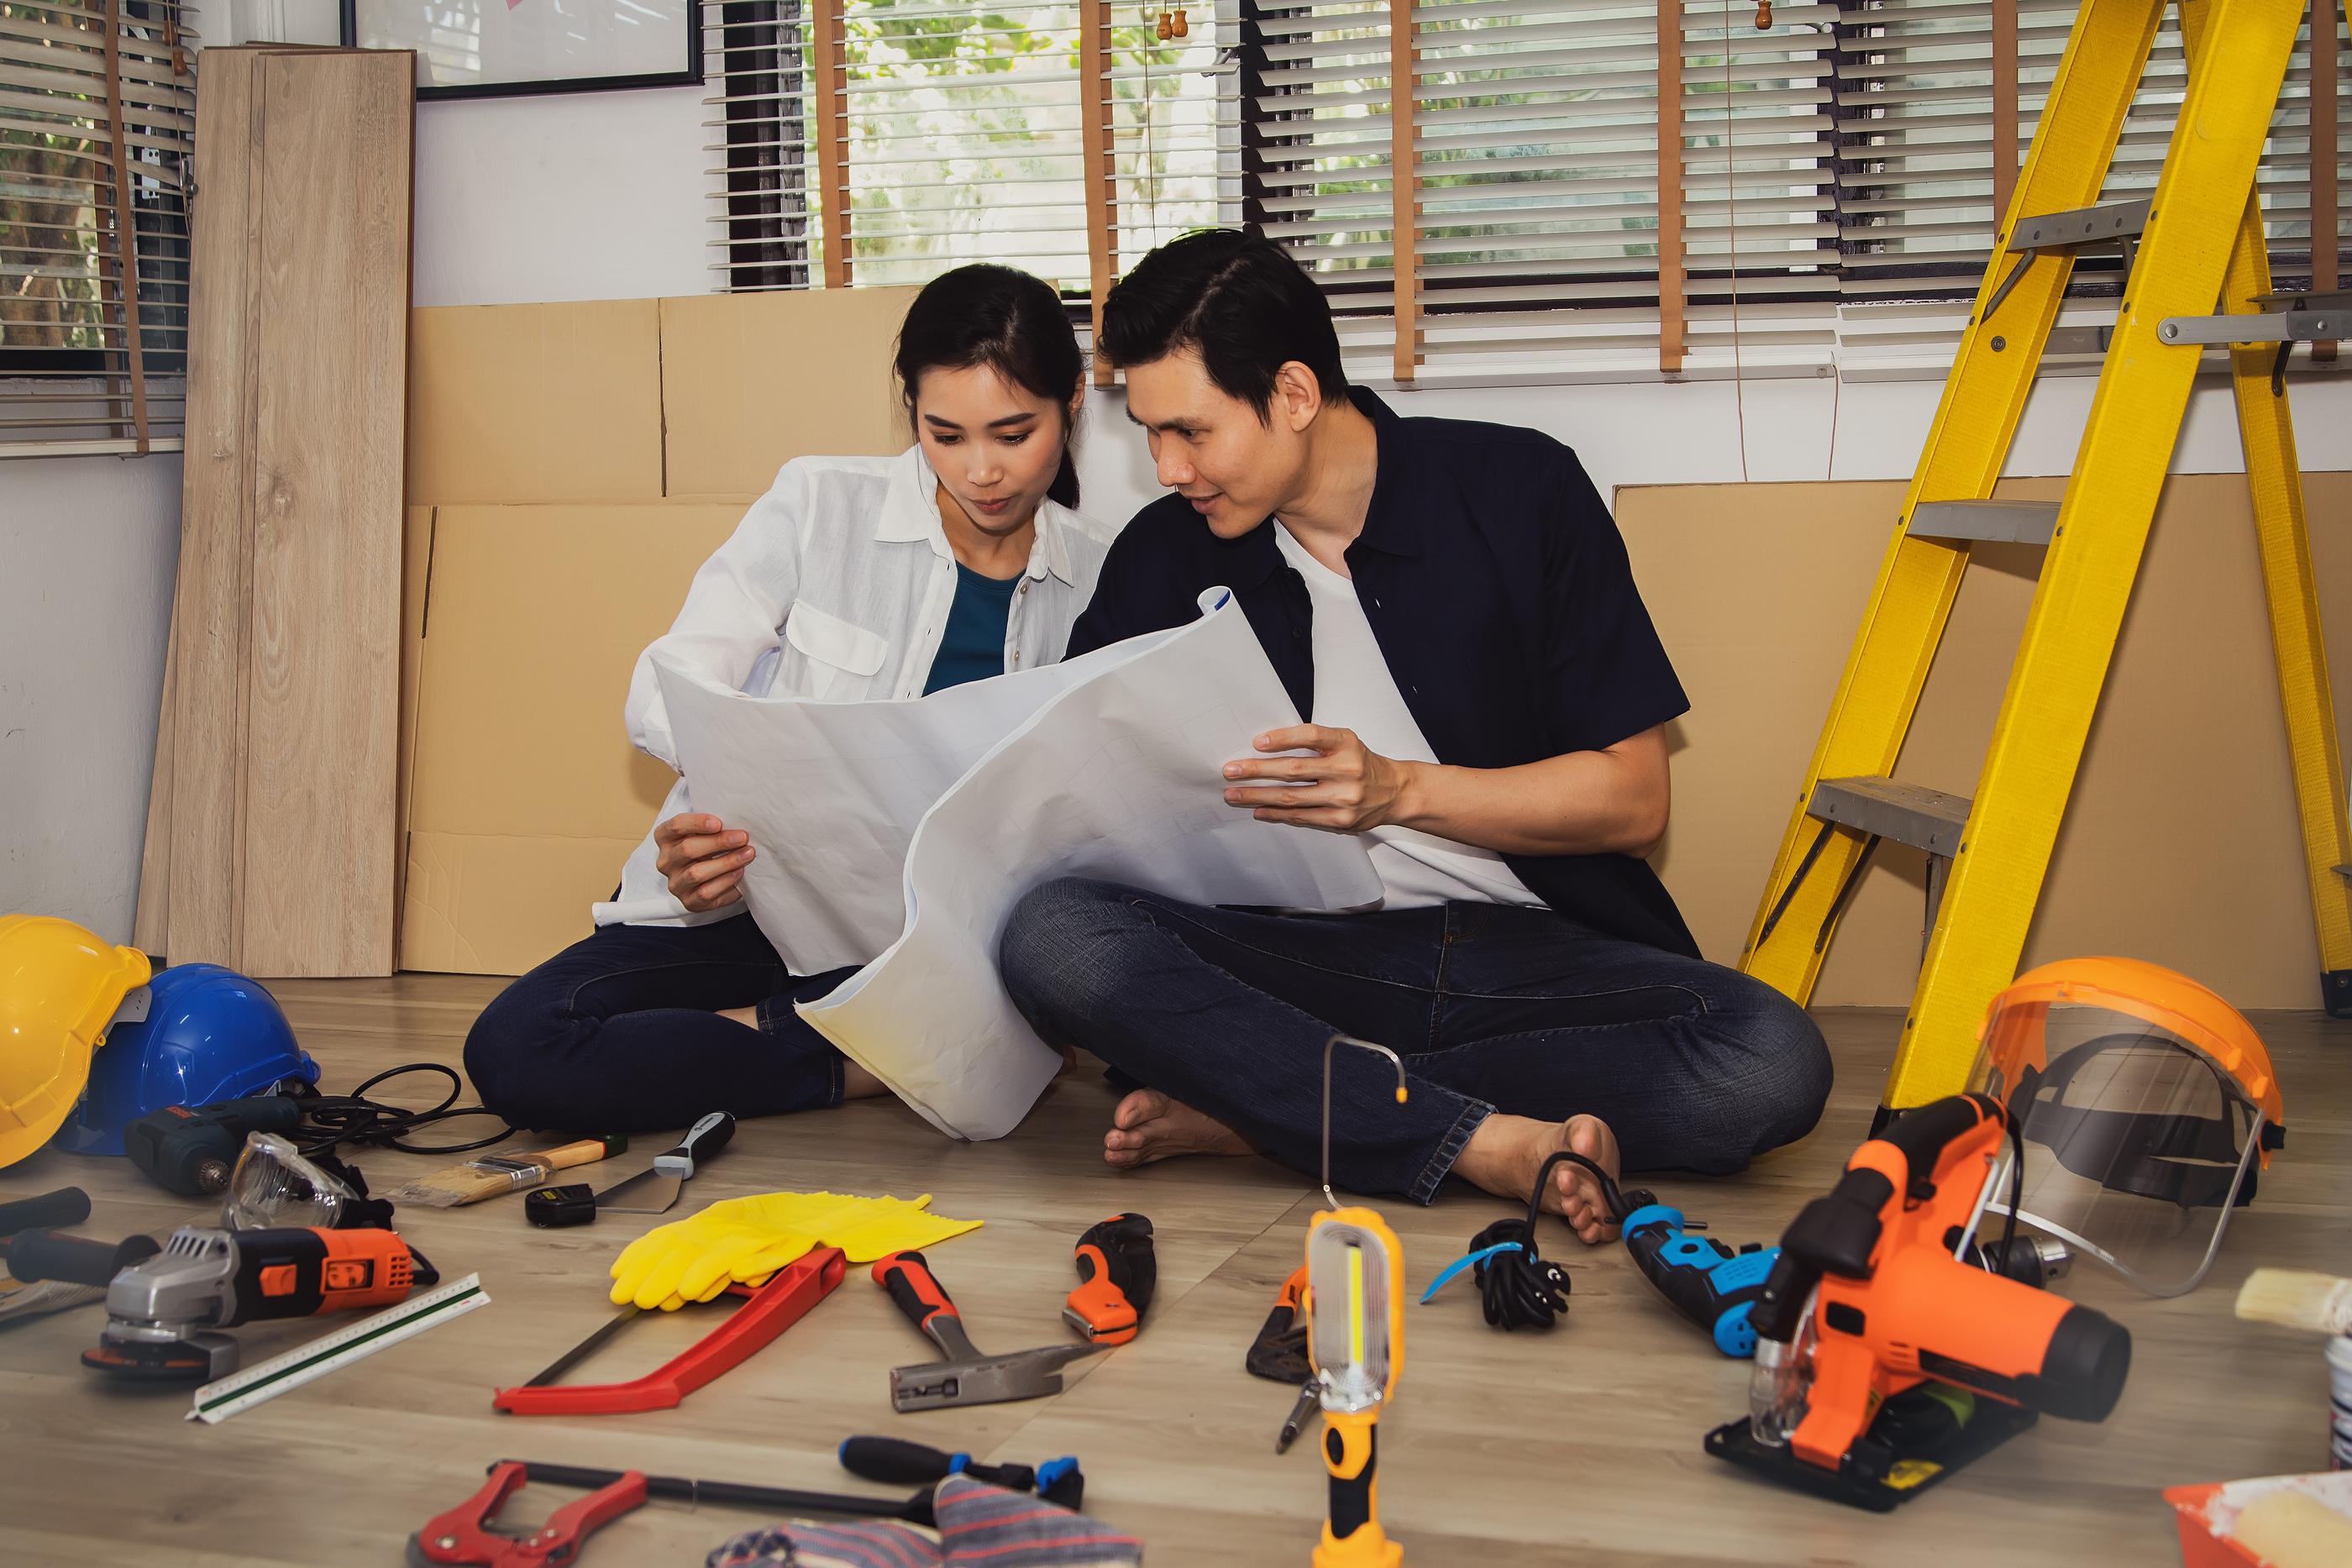 couple looking at repair guide